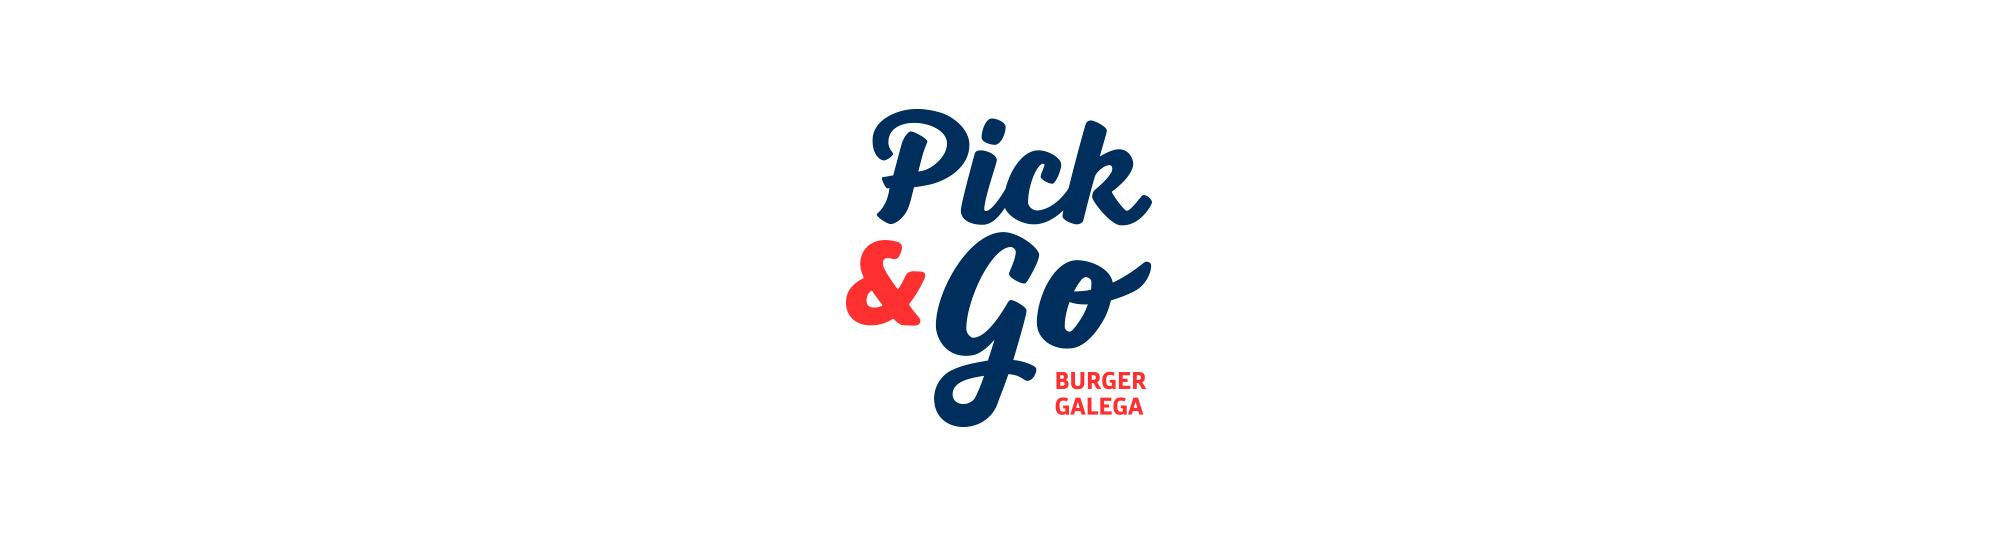 Diseño de marca para nueva hmburguesería que mezcla el concepto de américa con galicia